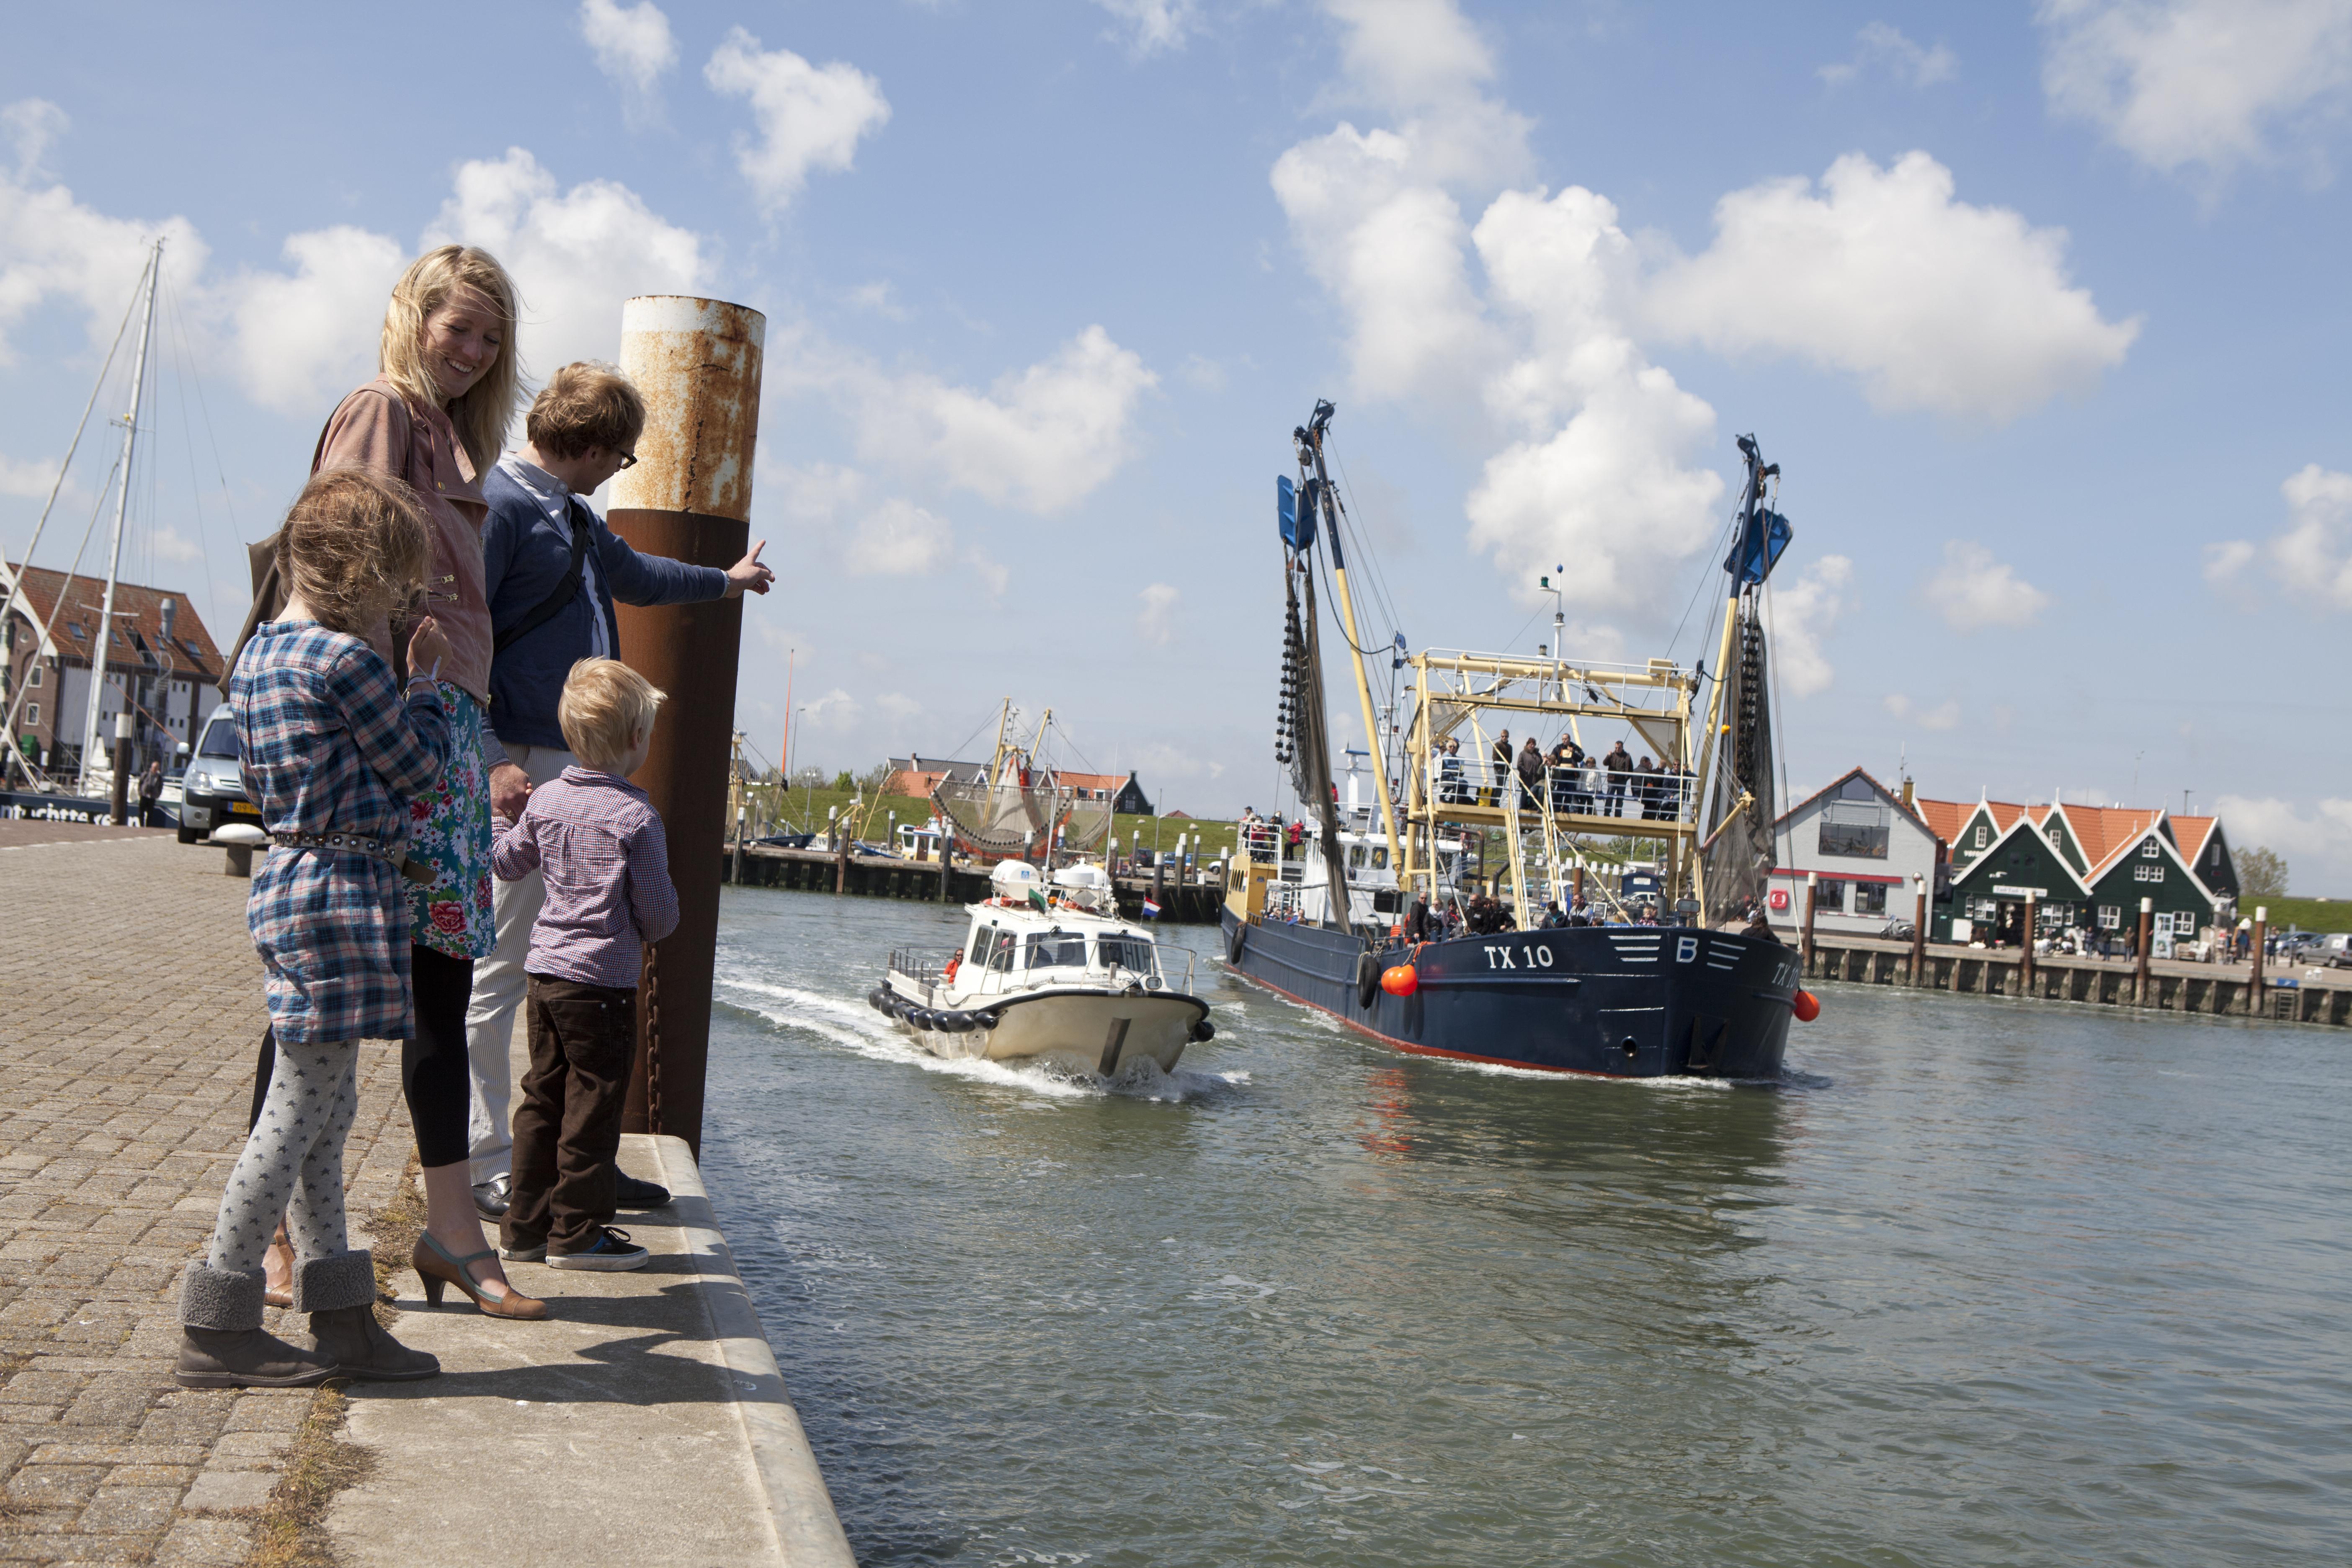 Gezin in de haven van Oudeschild VVV Texel fotograaf Tessa Jol